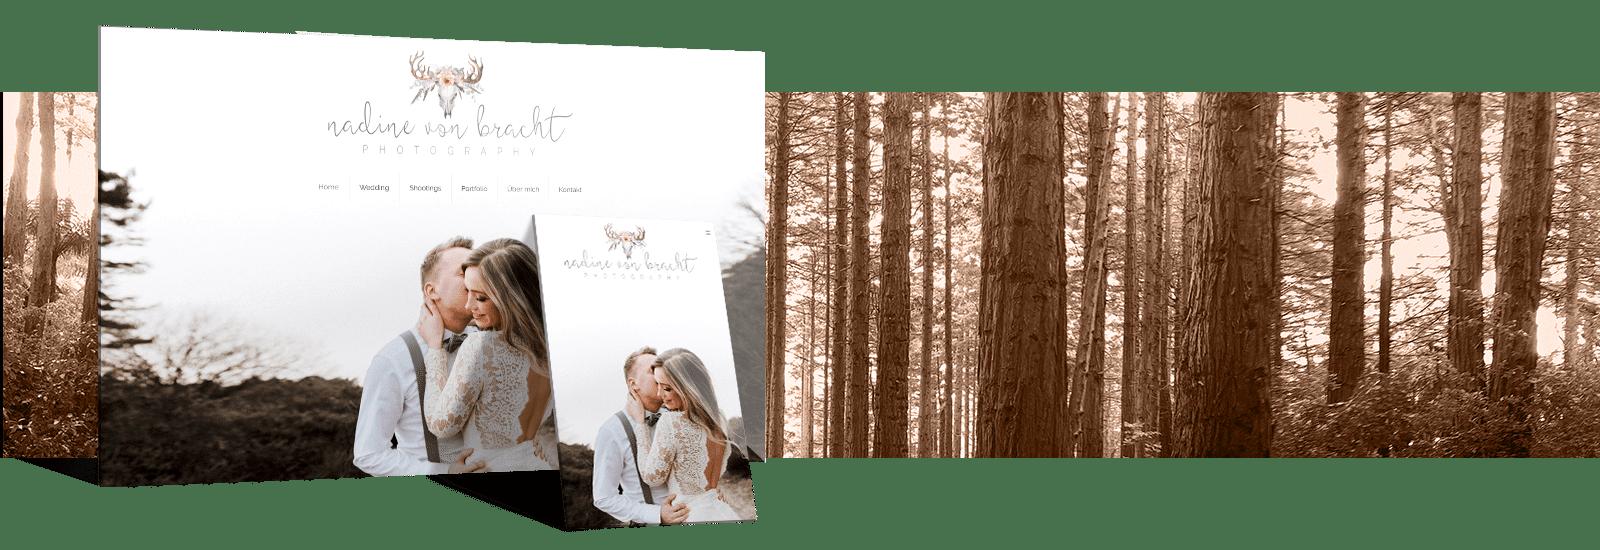 Fotografen Website von Nadine von Bracht - Referenz webdesign.koeln